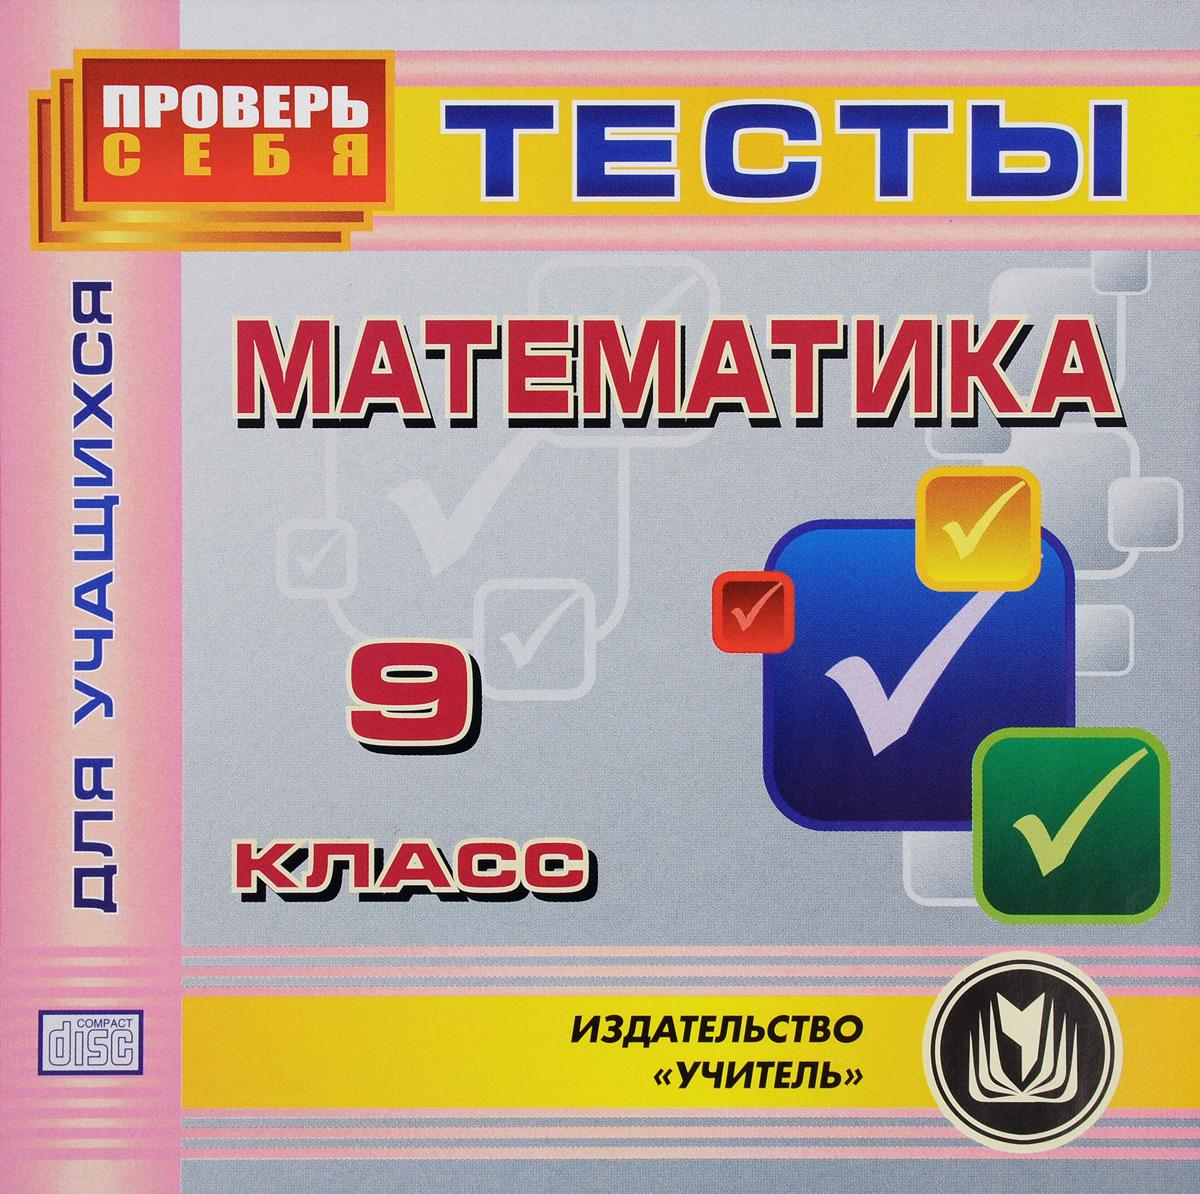 Математика. 9 класс. Тесты для учащихся